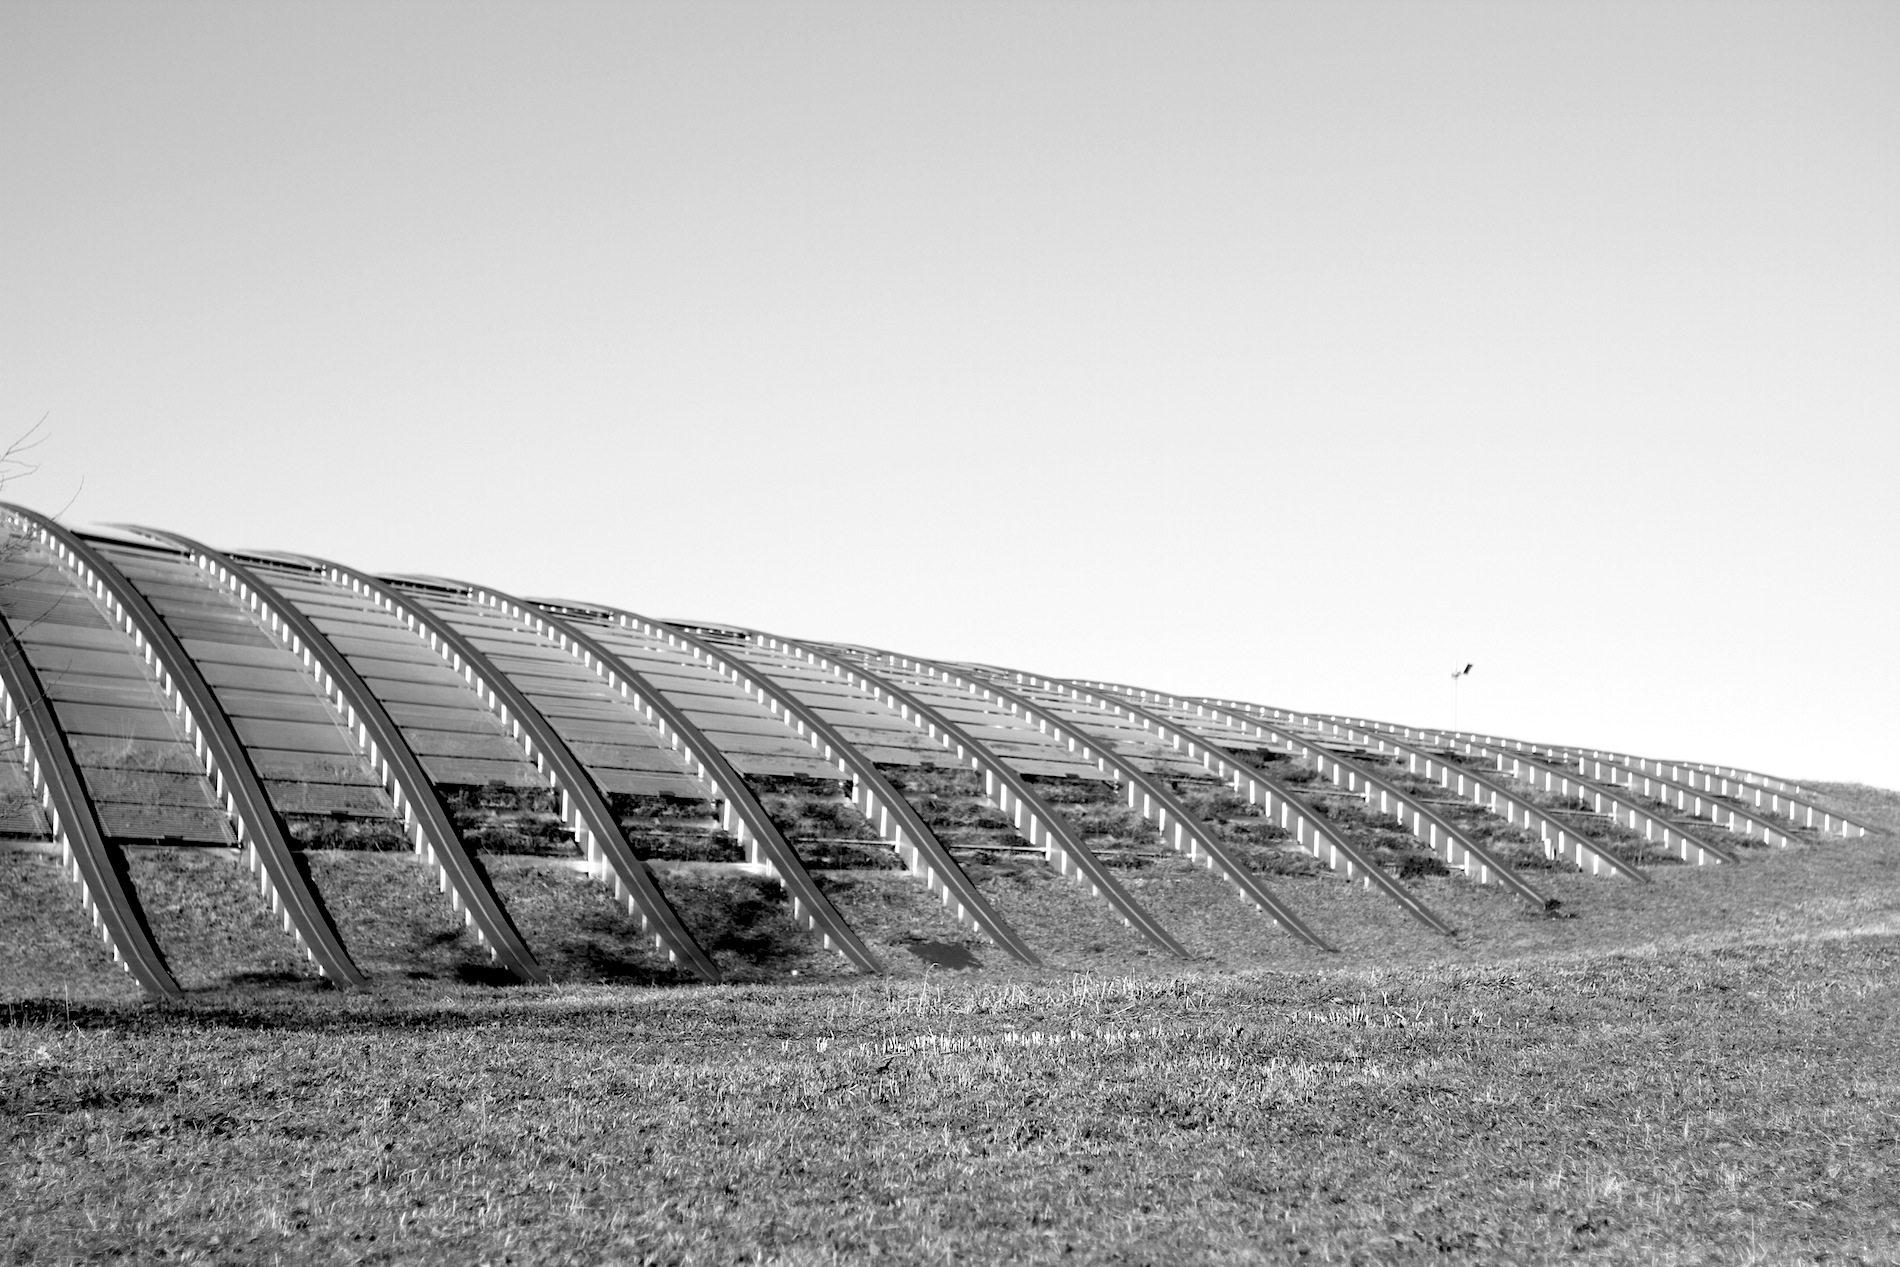 Zentrum Paul Klee. Die Dachkonstruktion ist ein geneigtes Dach aus Metall und Stahl.